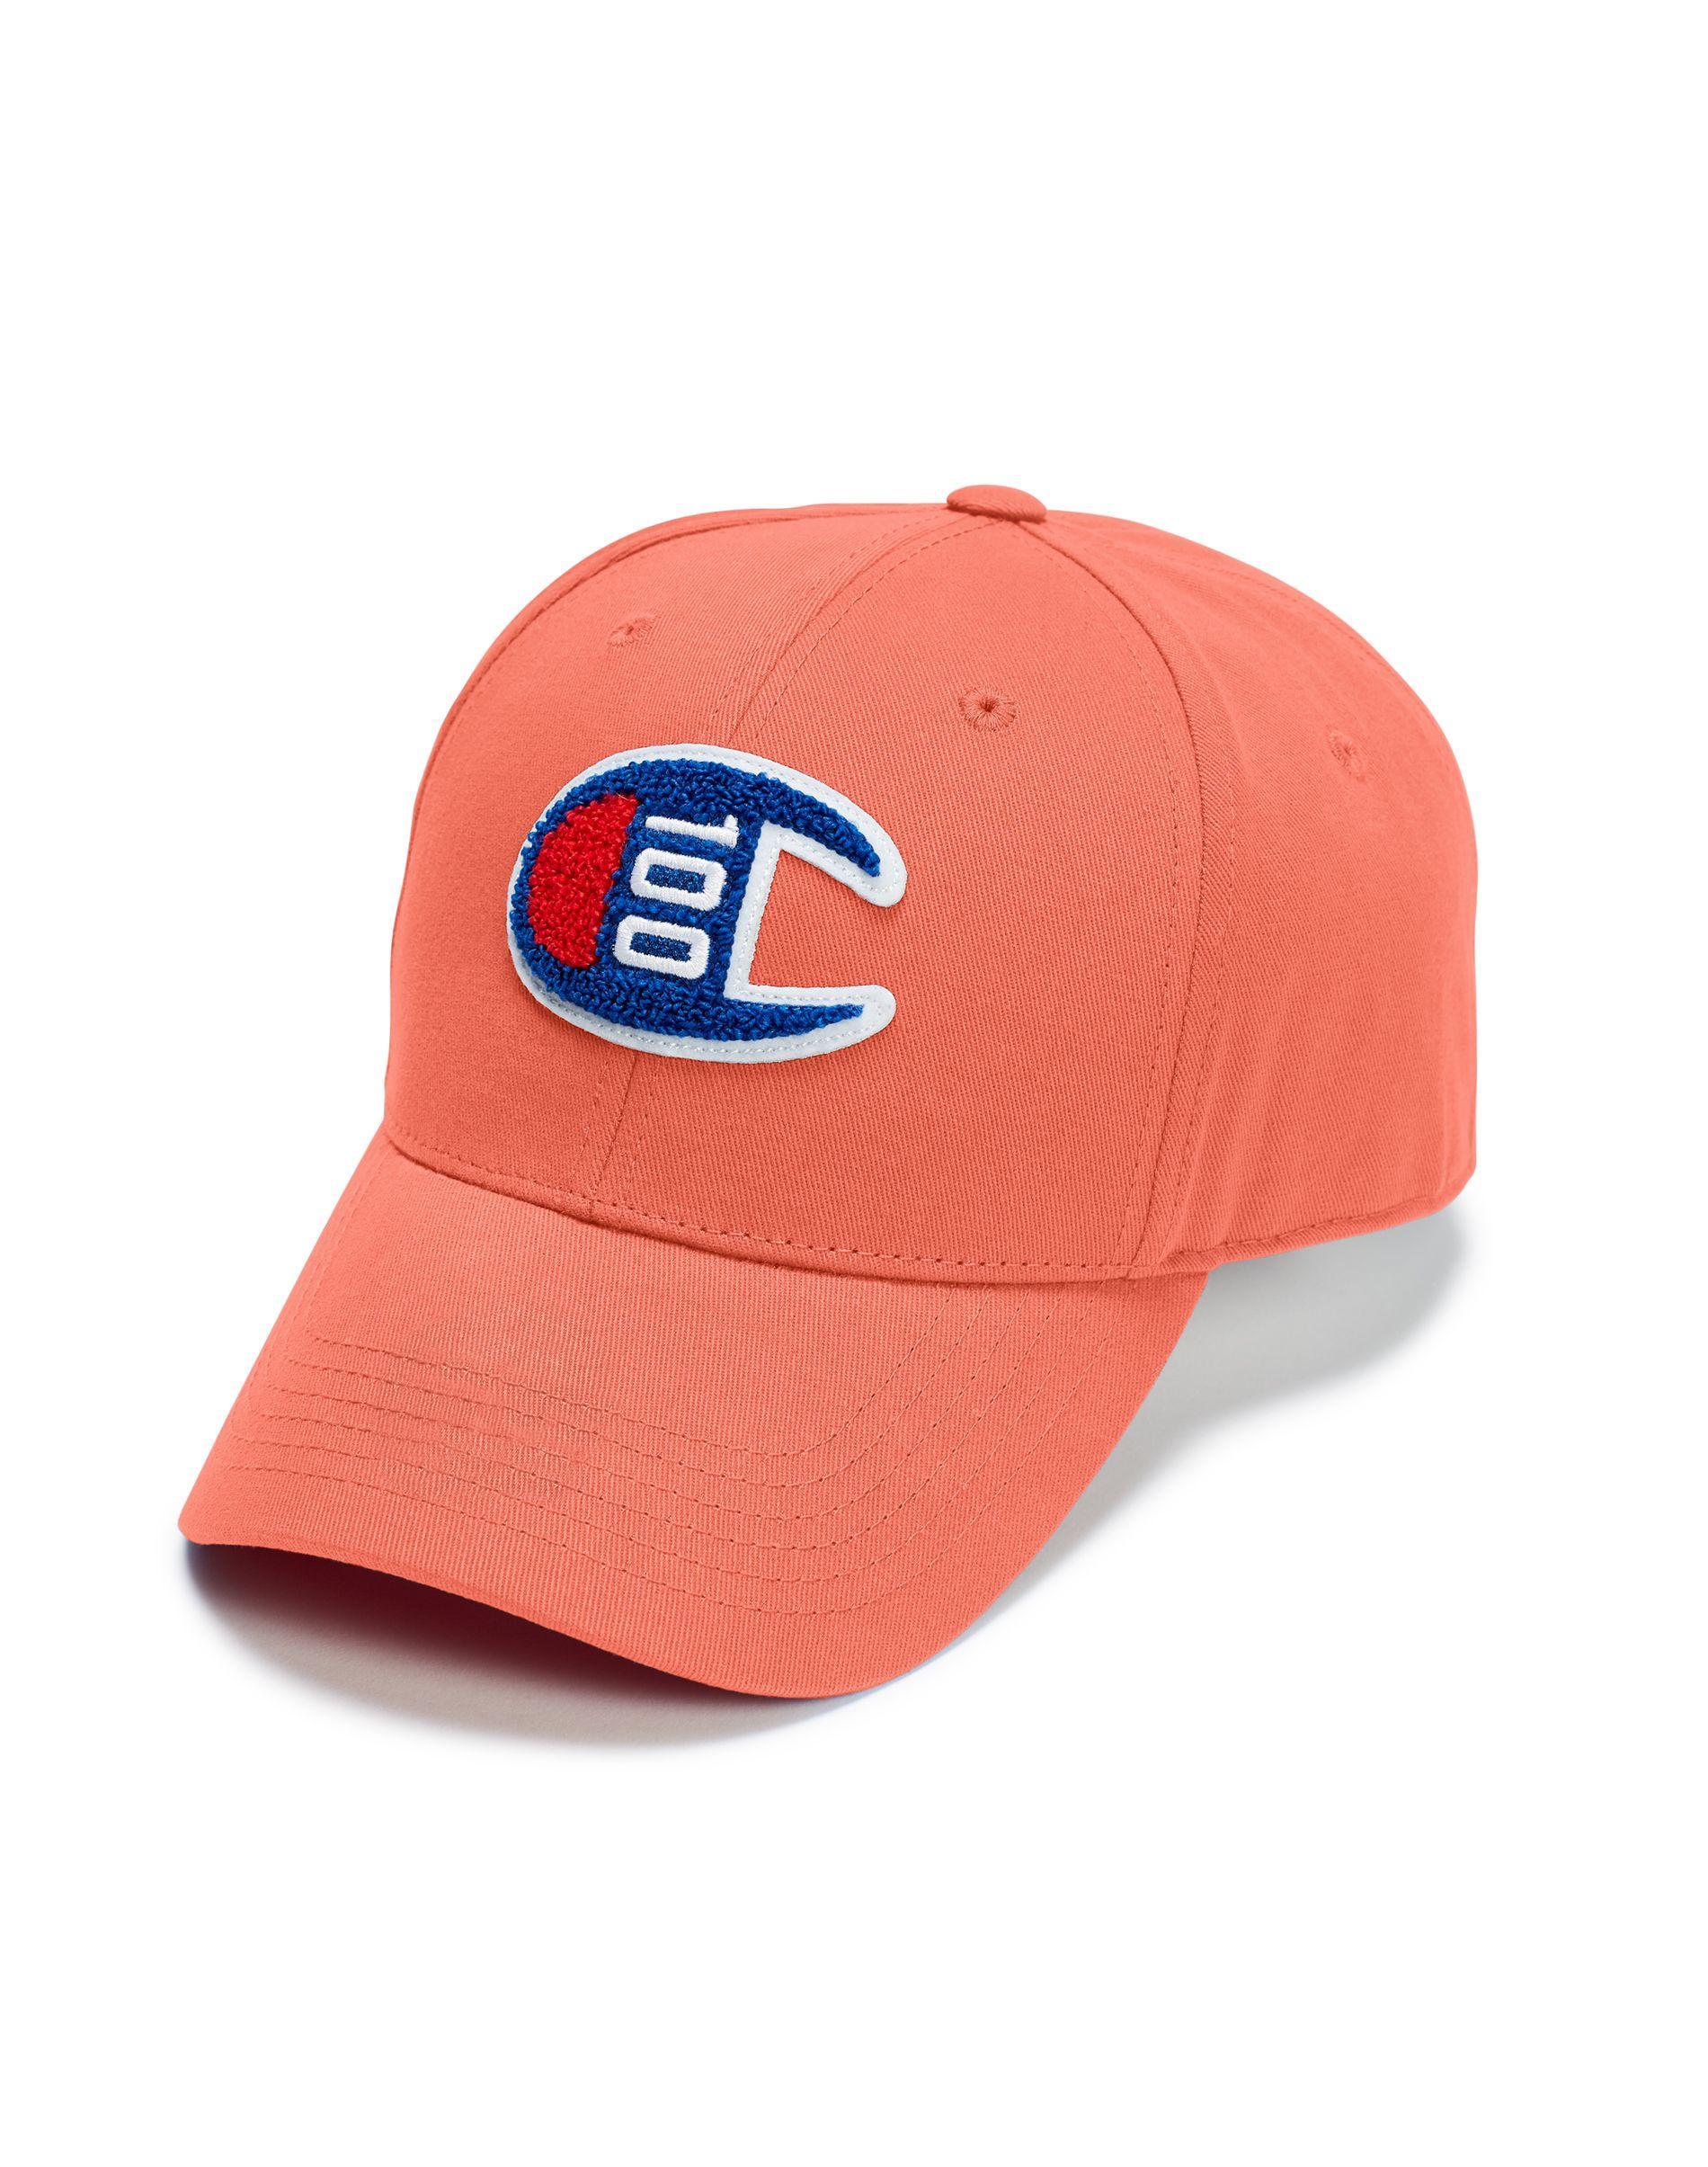 01b592e3178de Champion - Orange Century Collection Classic Twill Hat